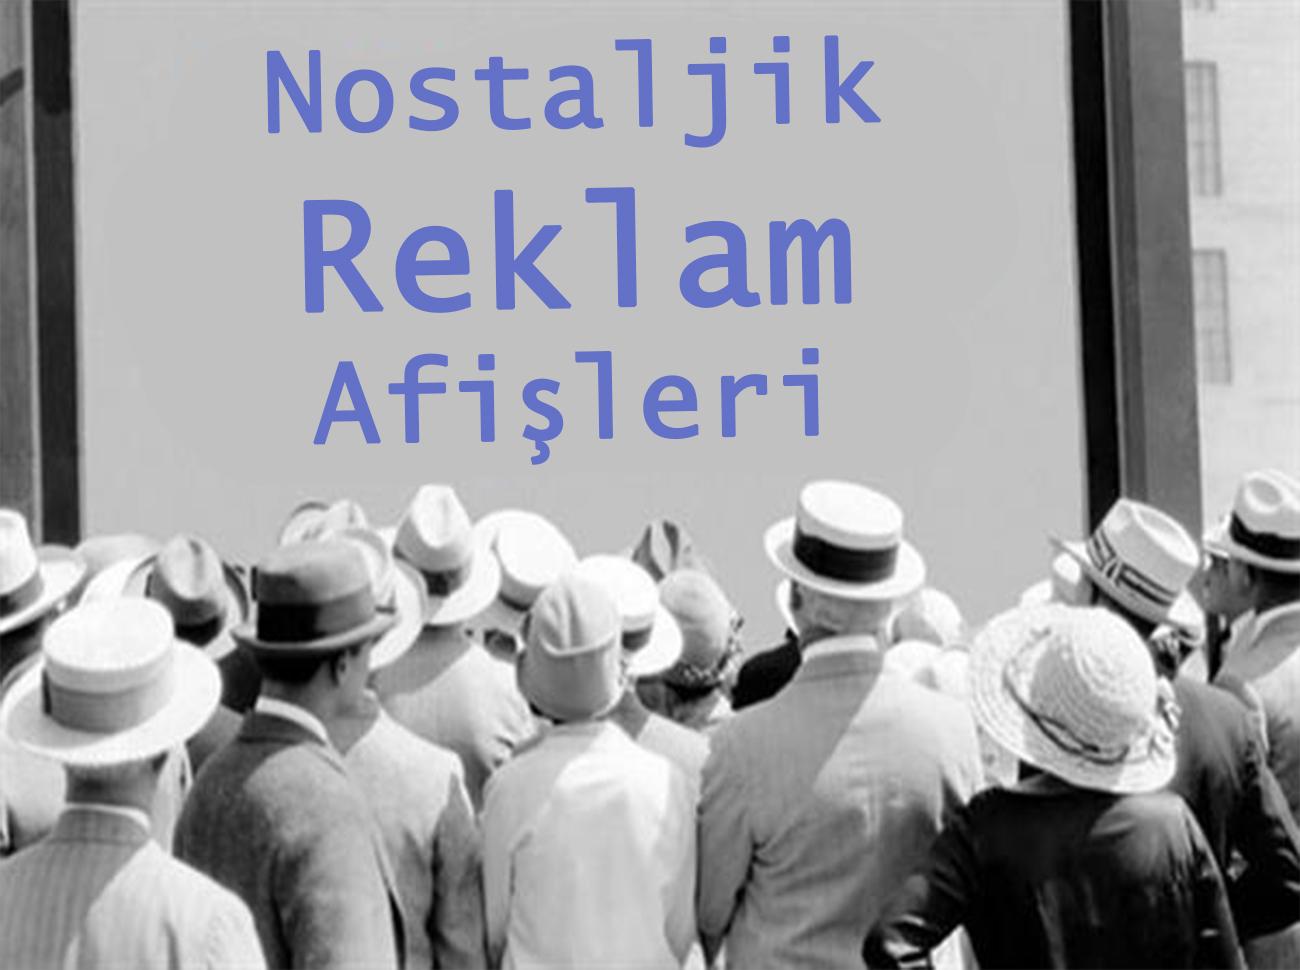 Popüler Markaların Türkiye'deki İlk Reklam Afişleri (Nostalji İçerir)